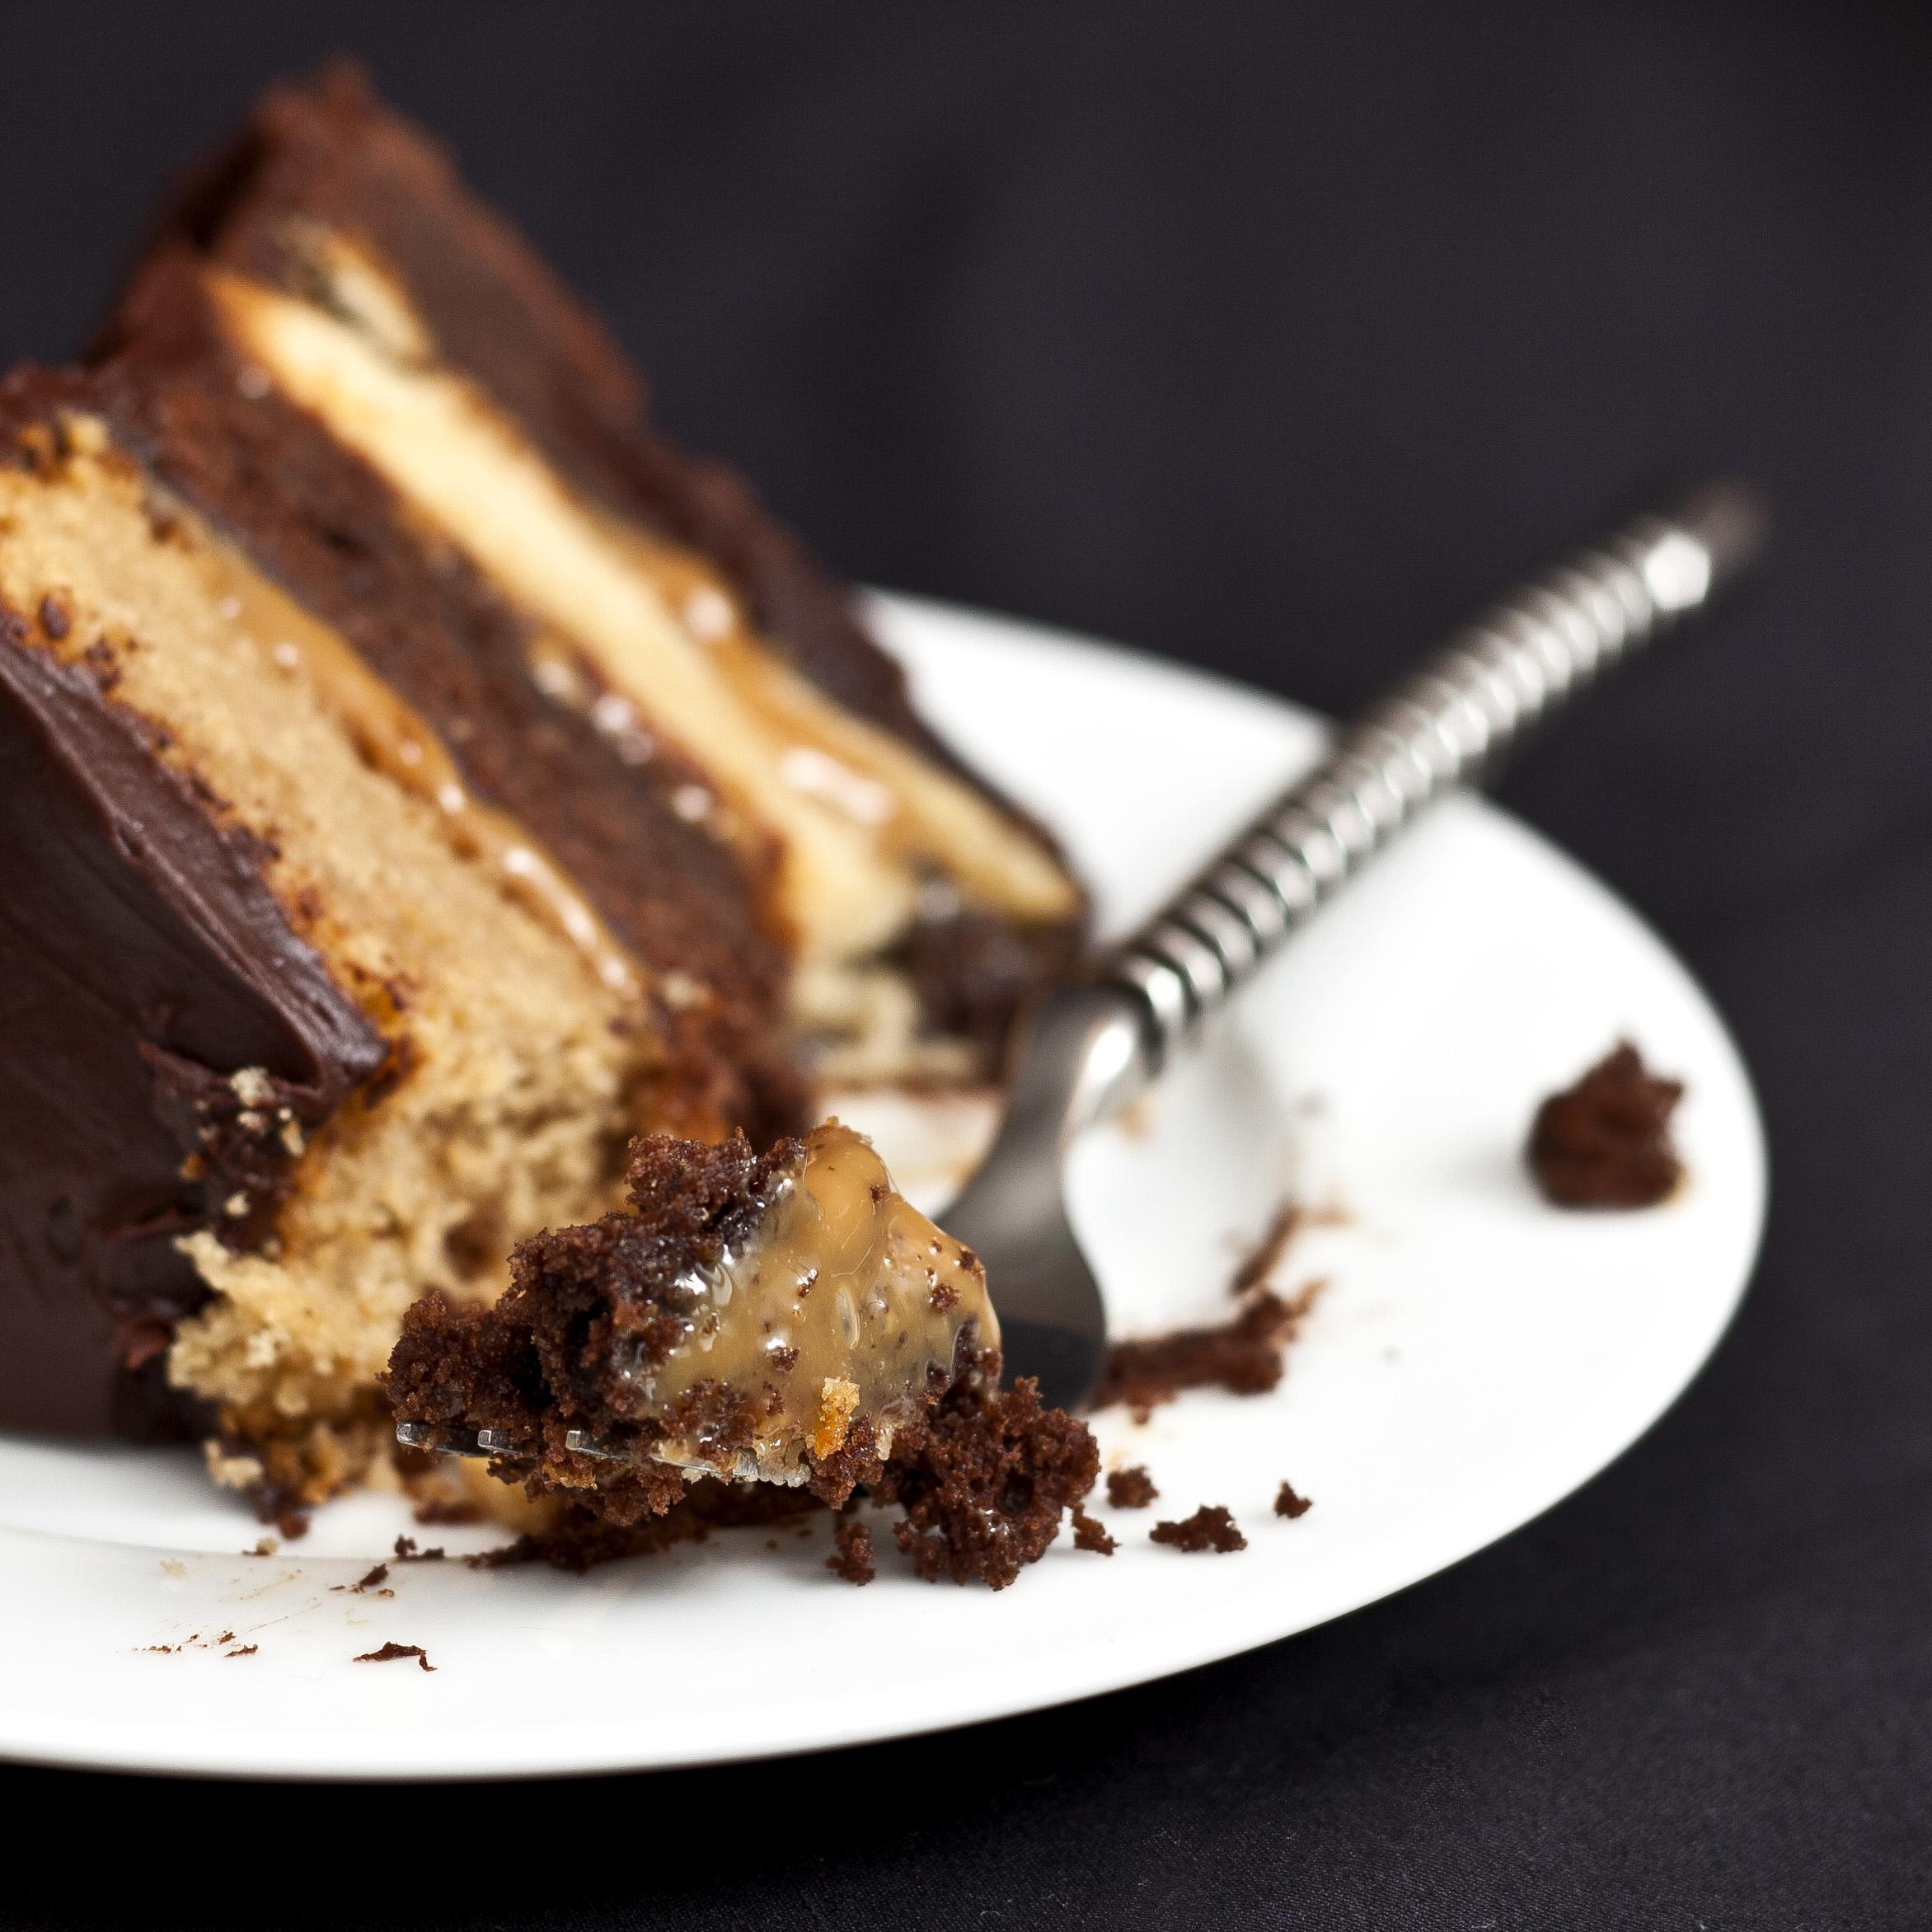 Chocolate Caramel Layer Cake Susan Orr Photography